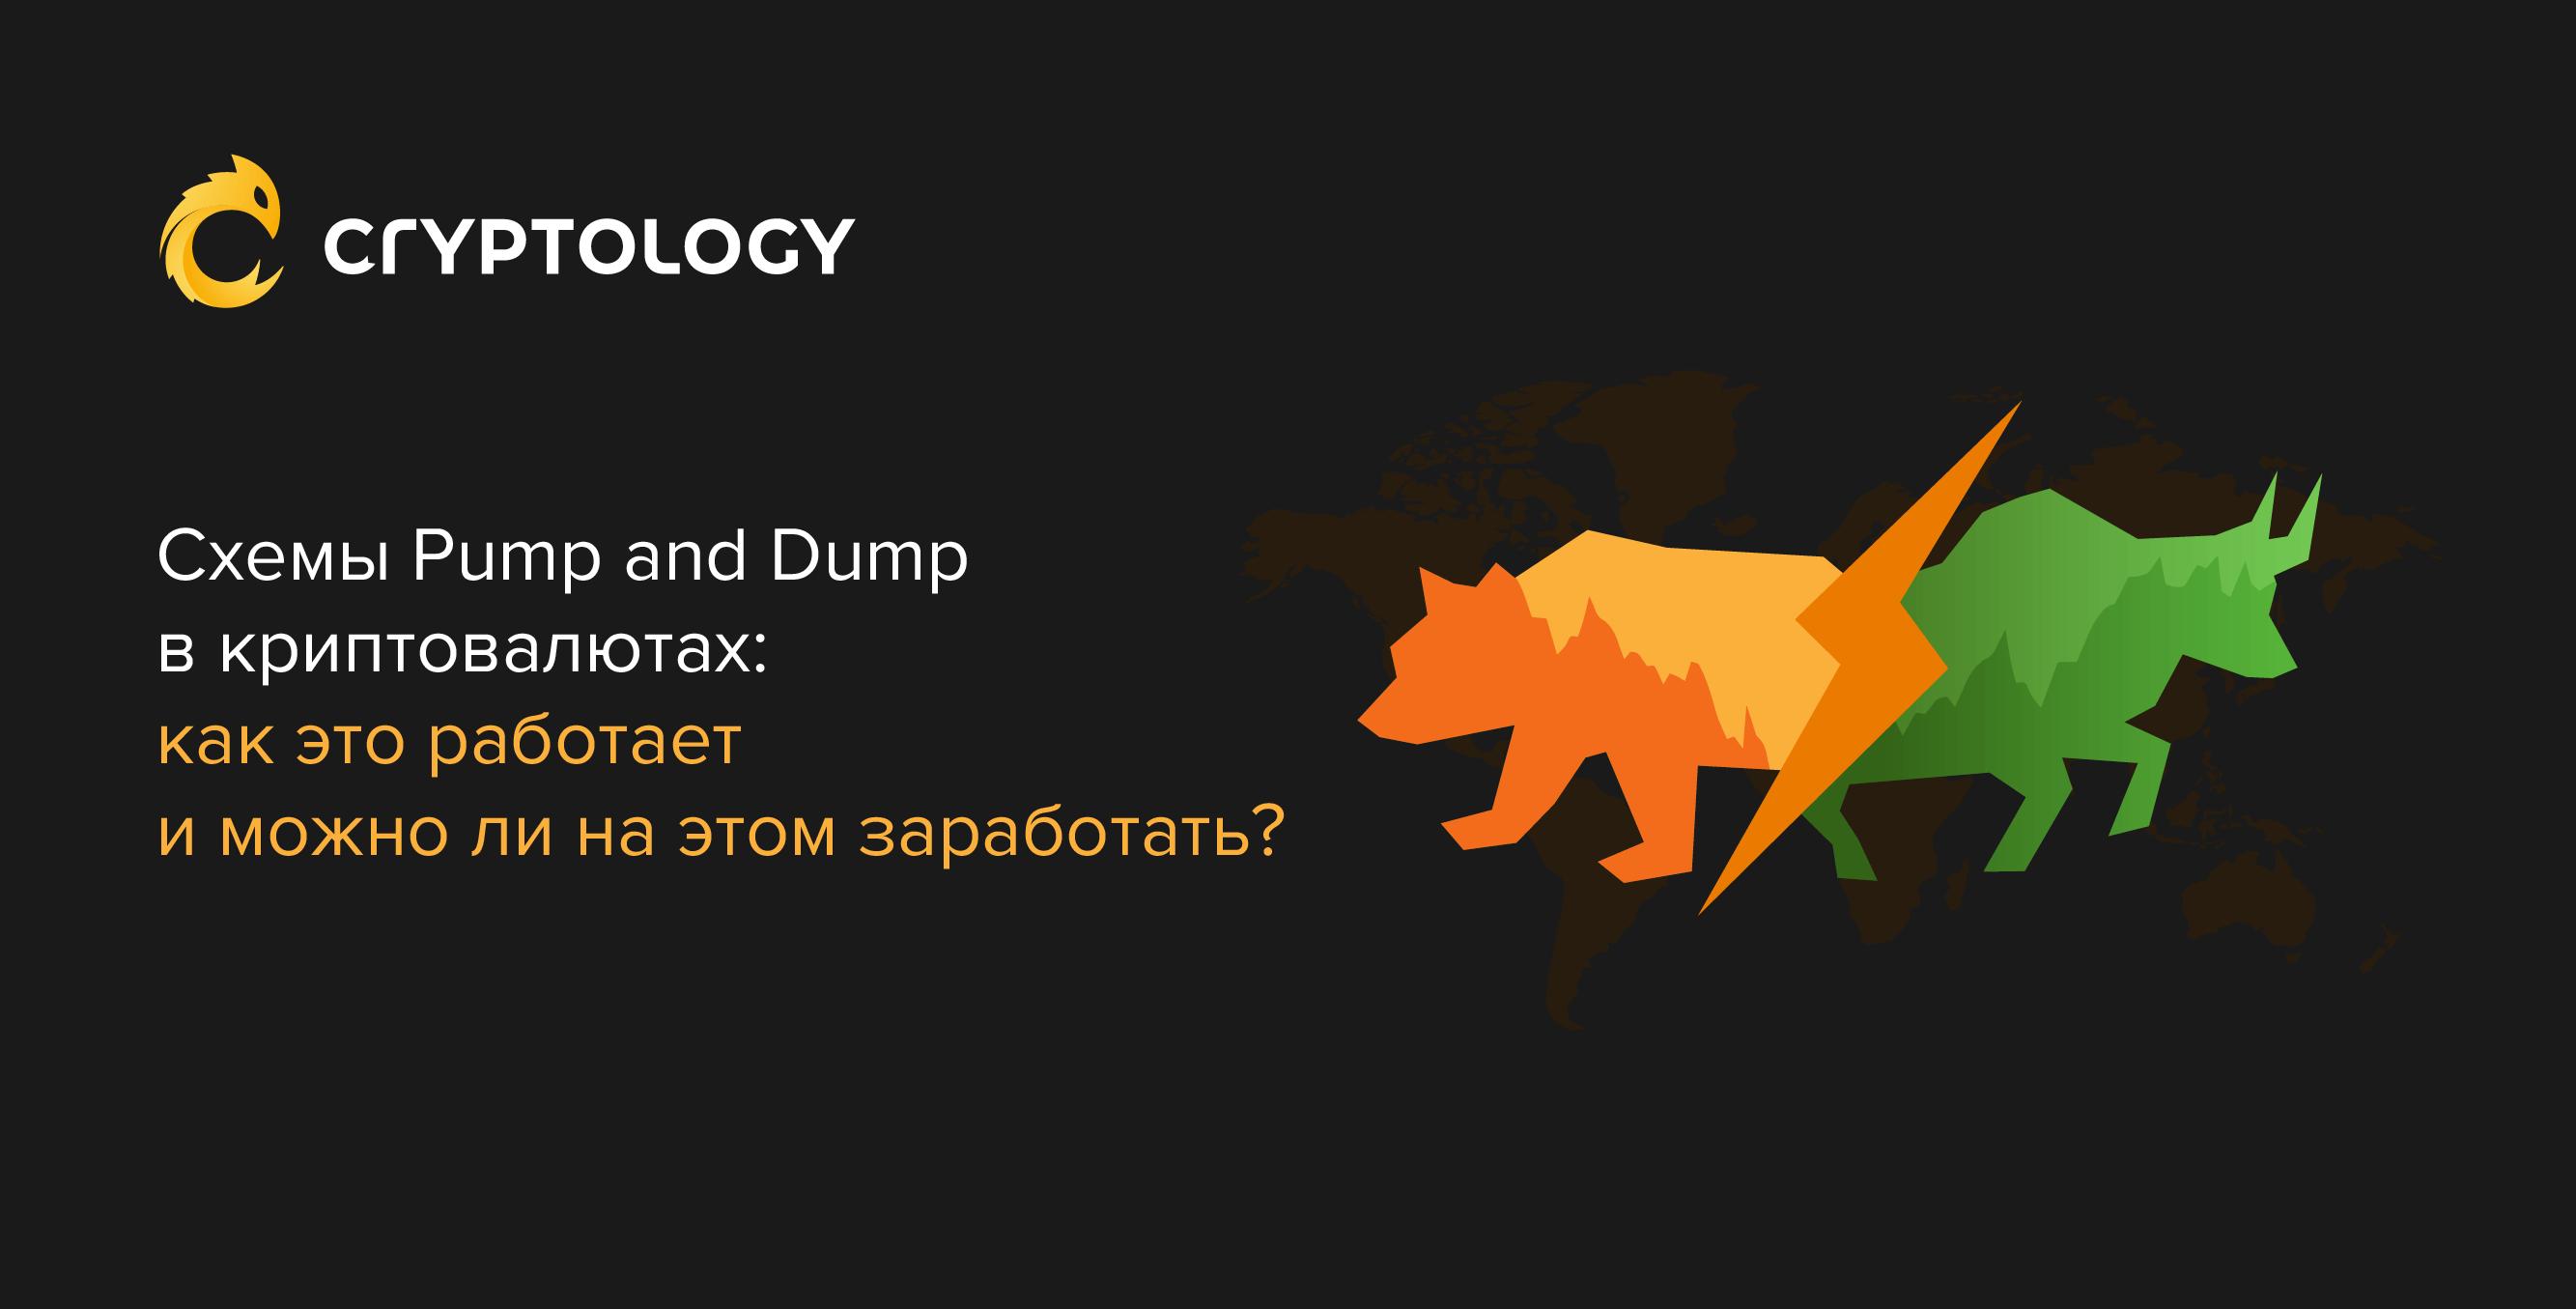 как работают pump и dump